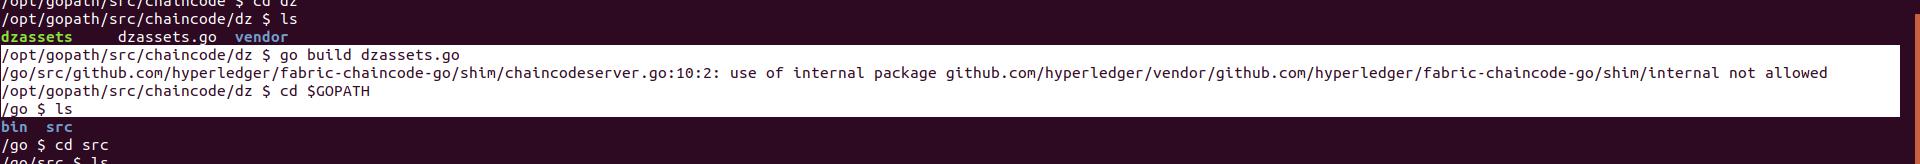 此处编译dz.go出现了这个问题,可以看到gopath是在/go/下